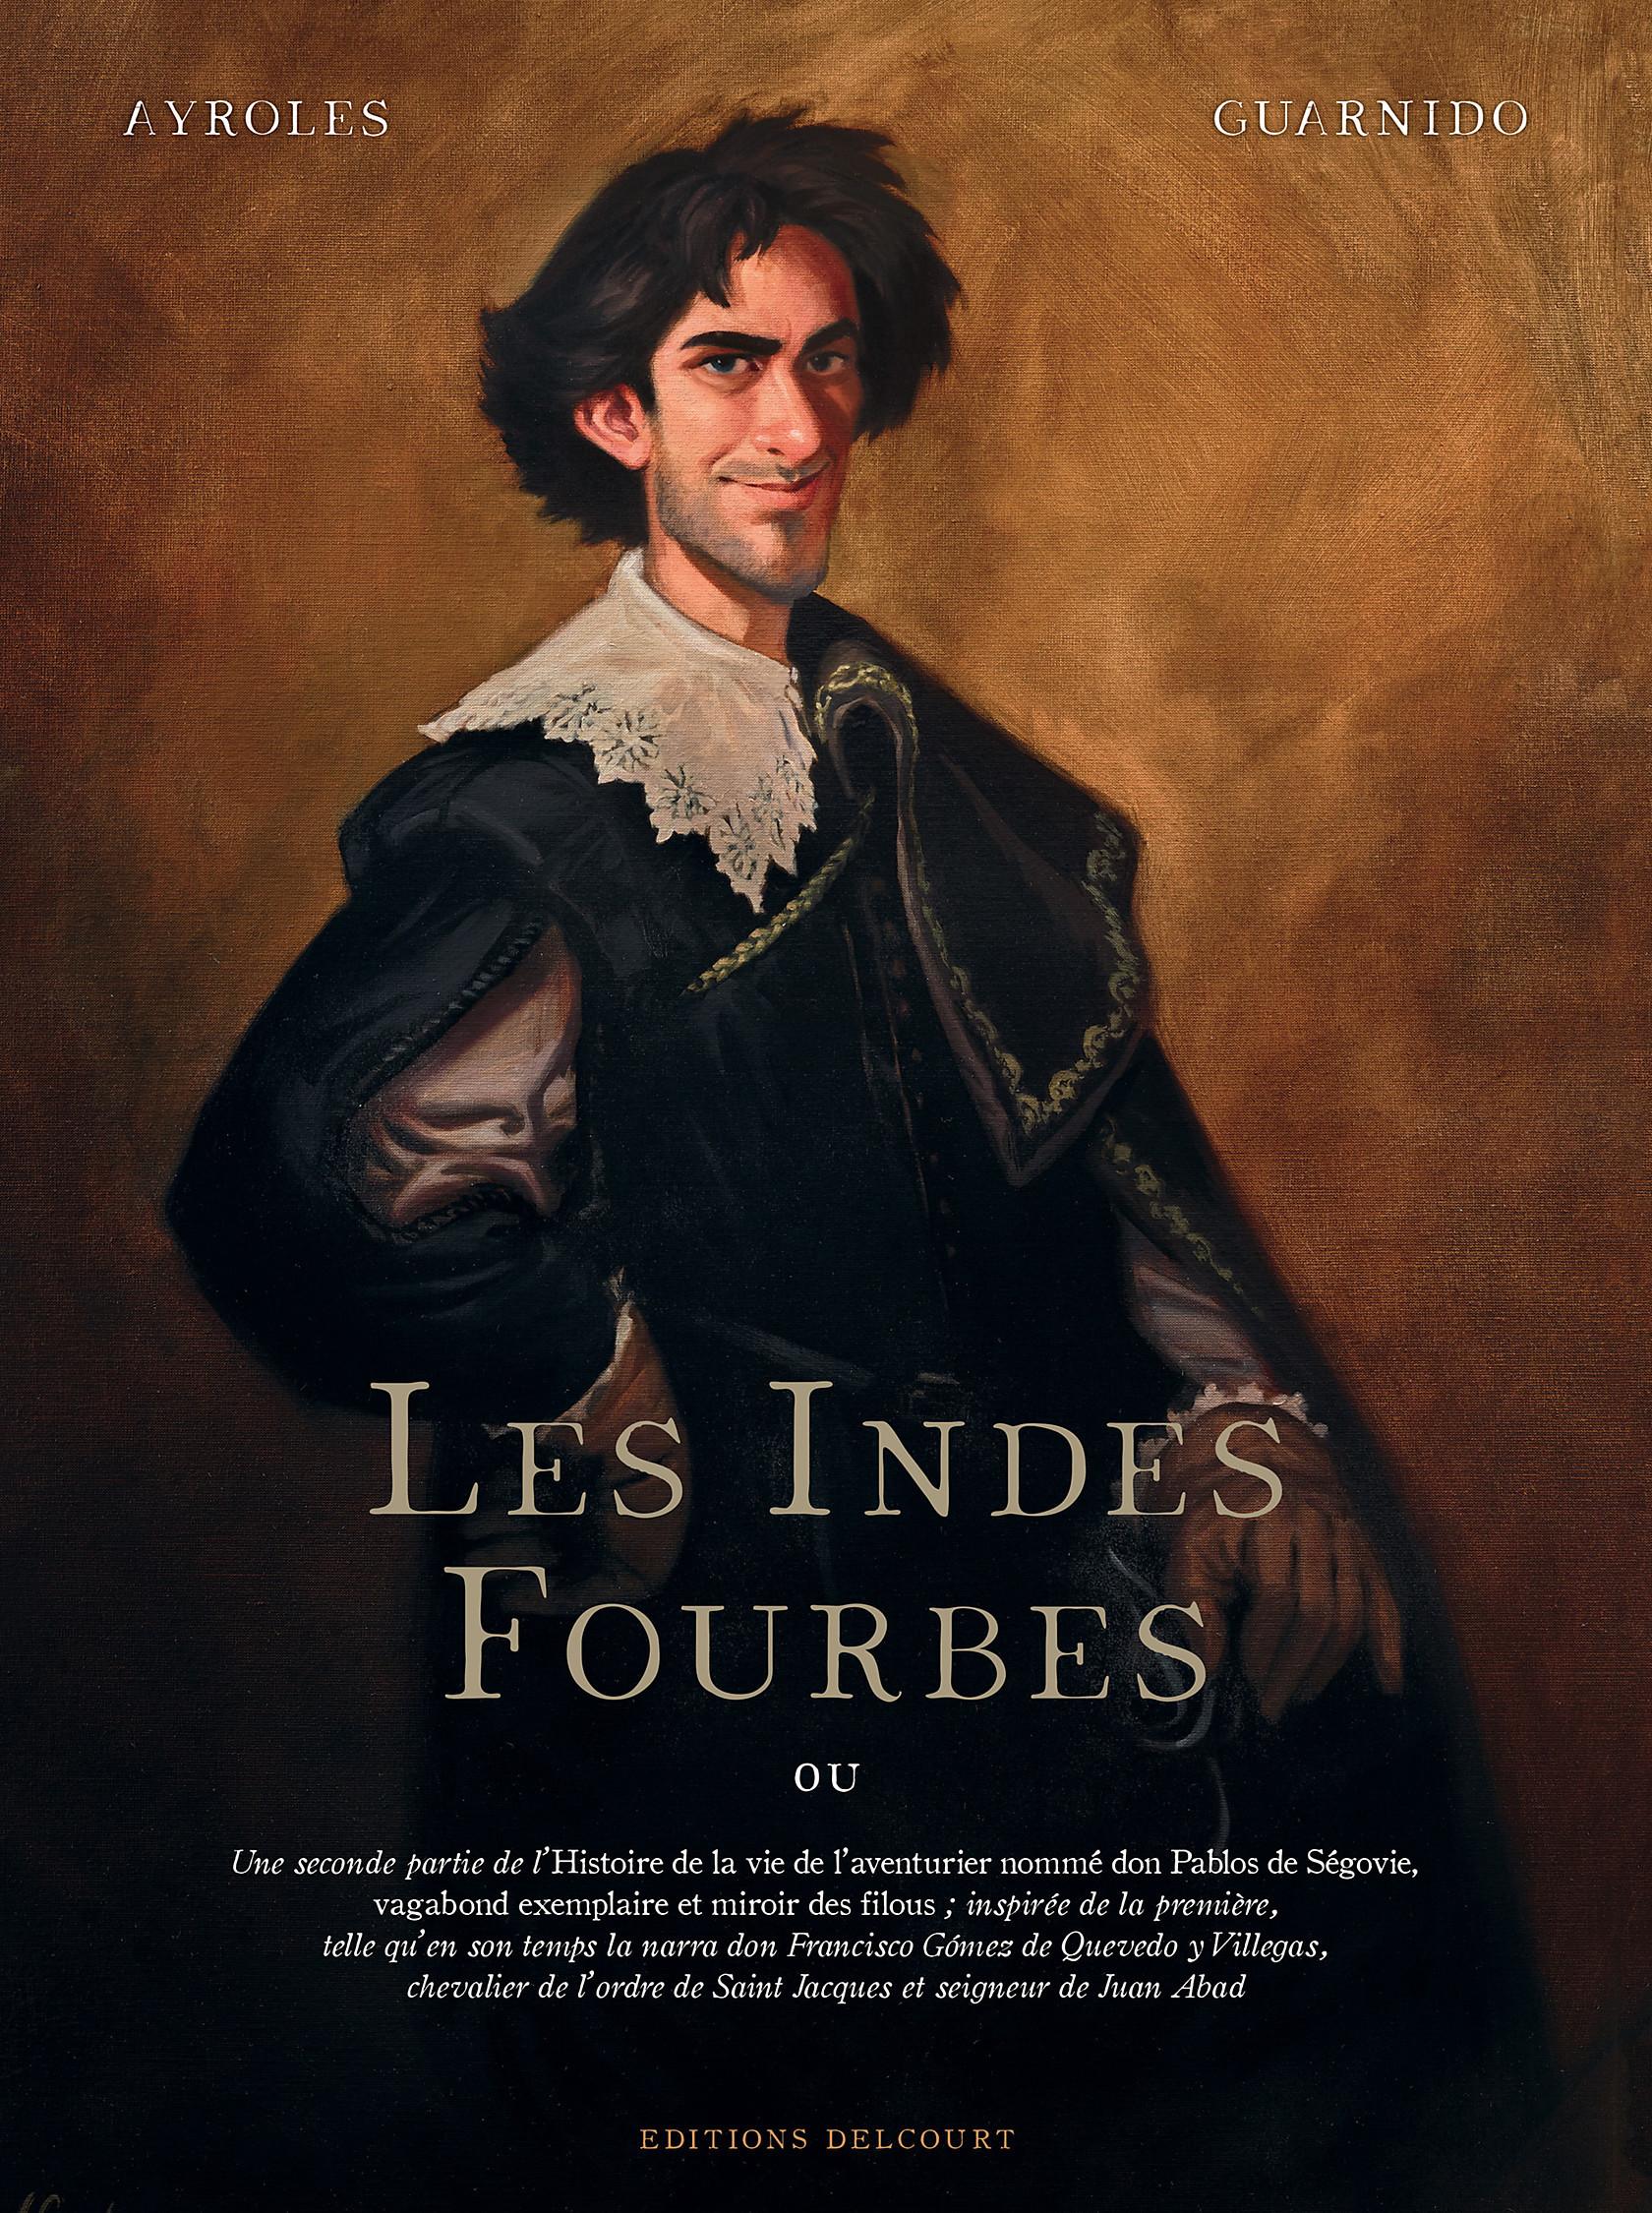 Les indes fourbes 1 - Les Indes Fourbes